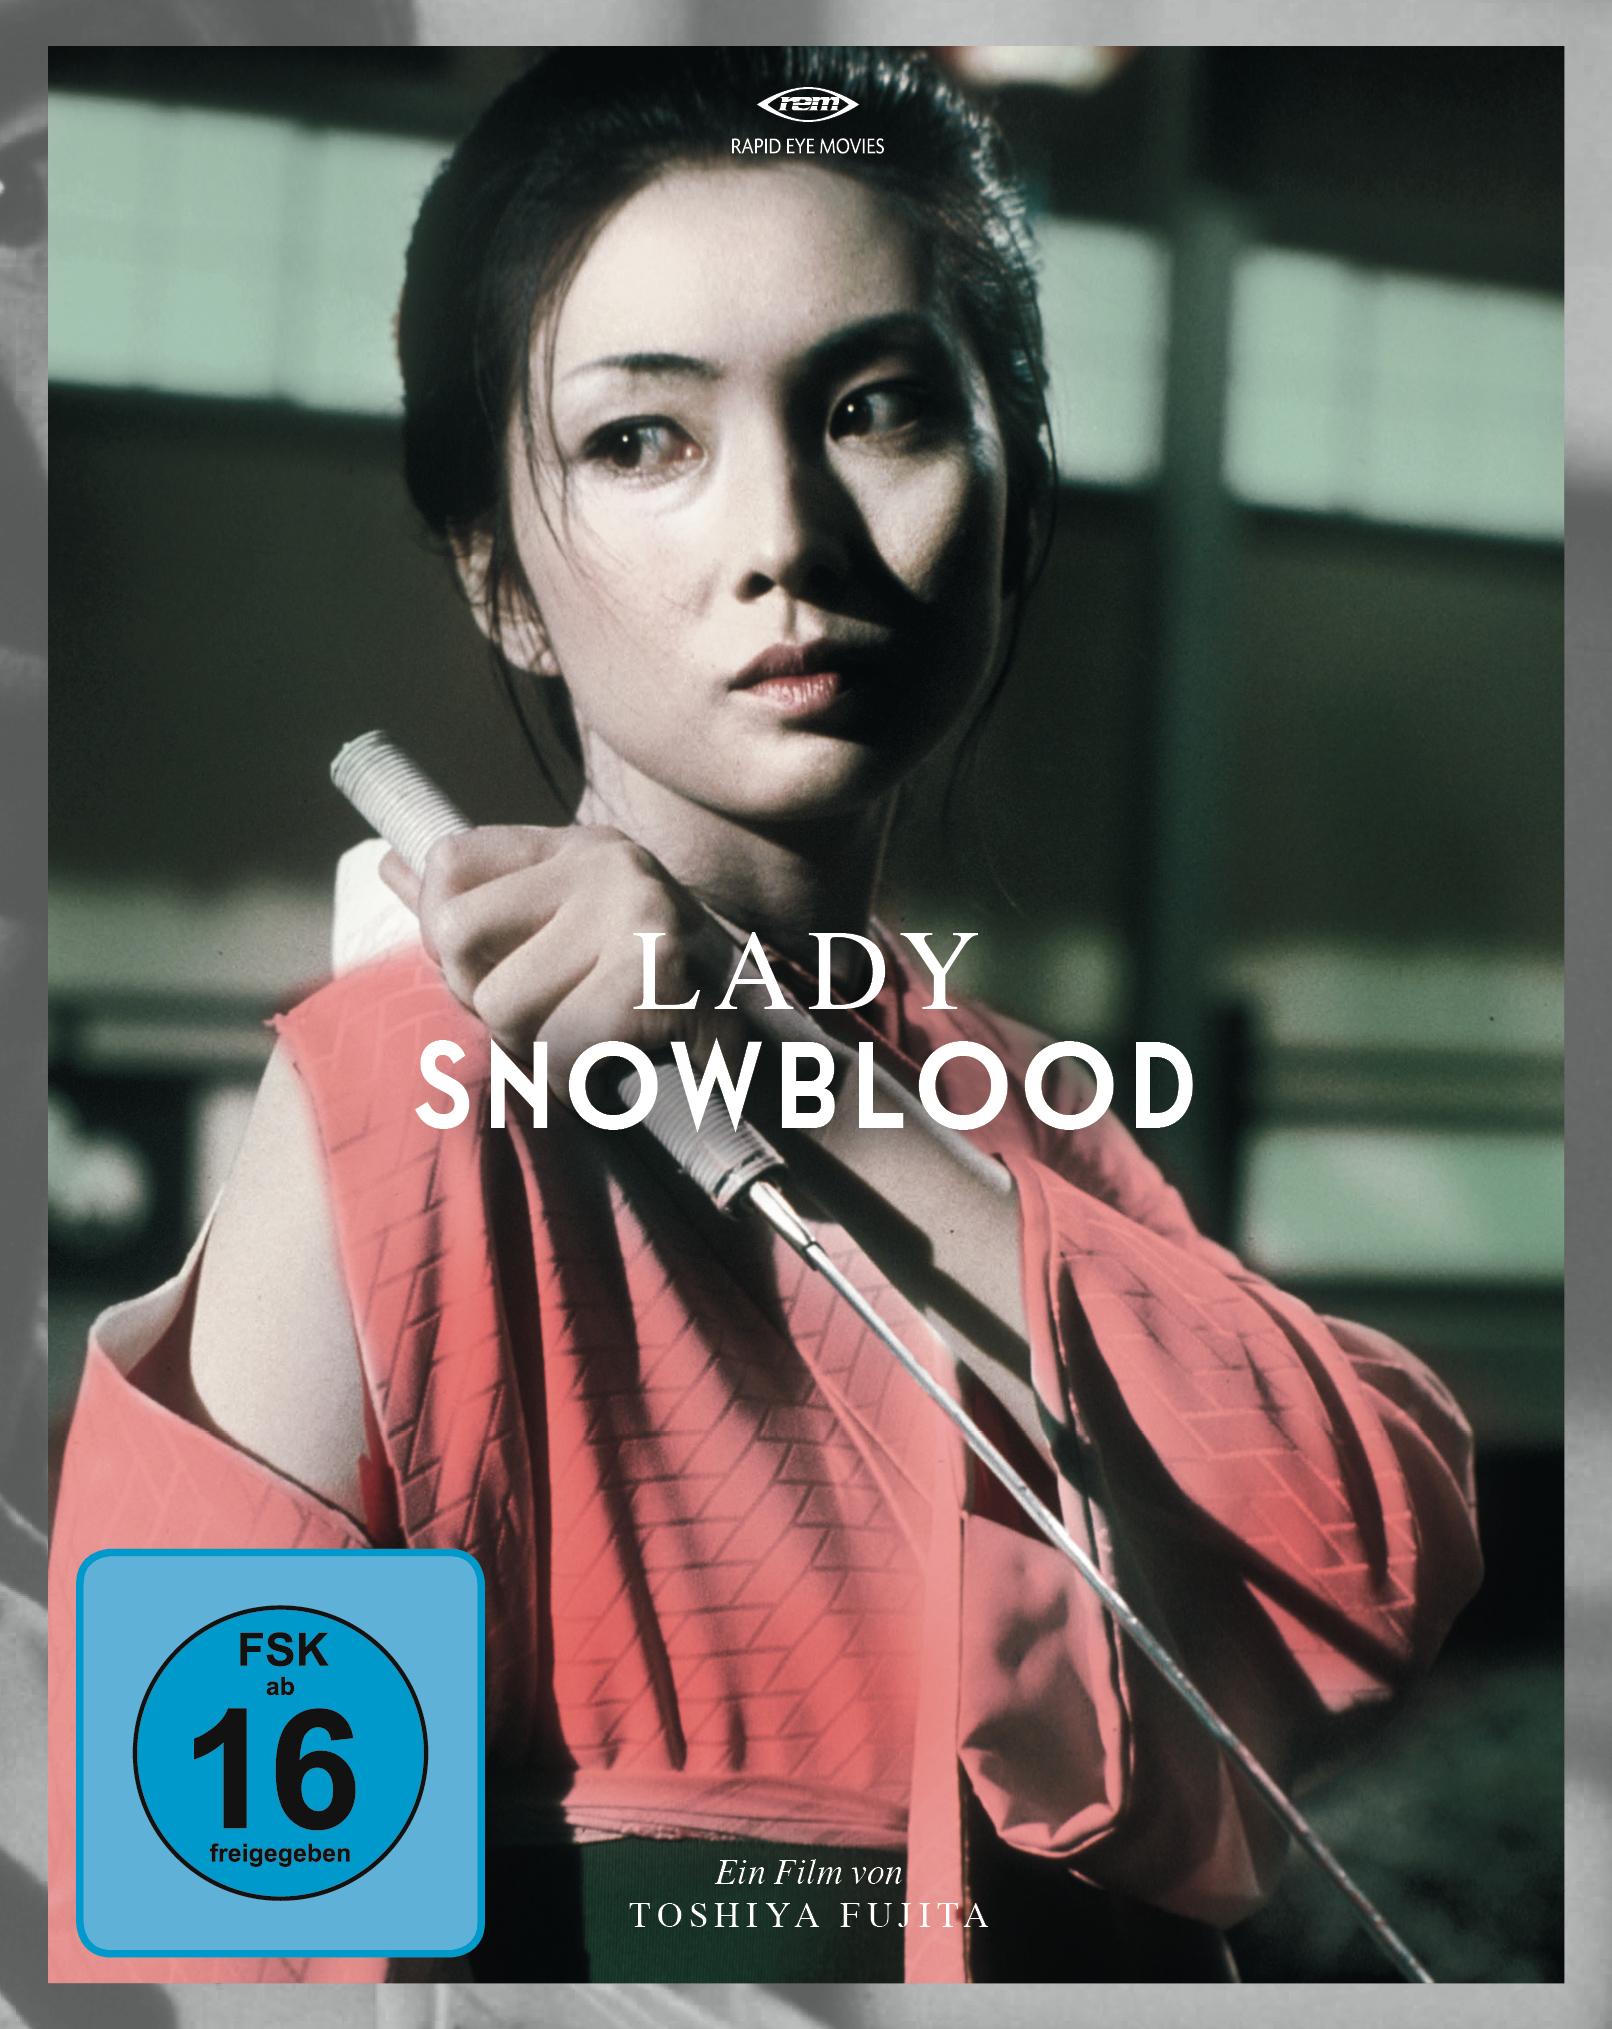 Lady Snowblood (Spielfilm, DVD/Blu-ray)